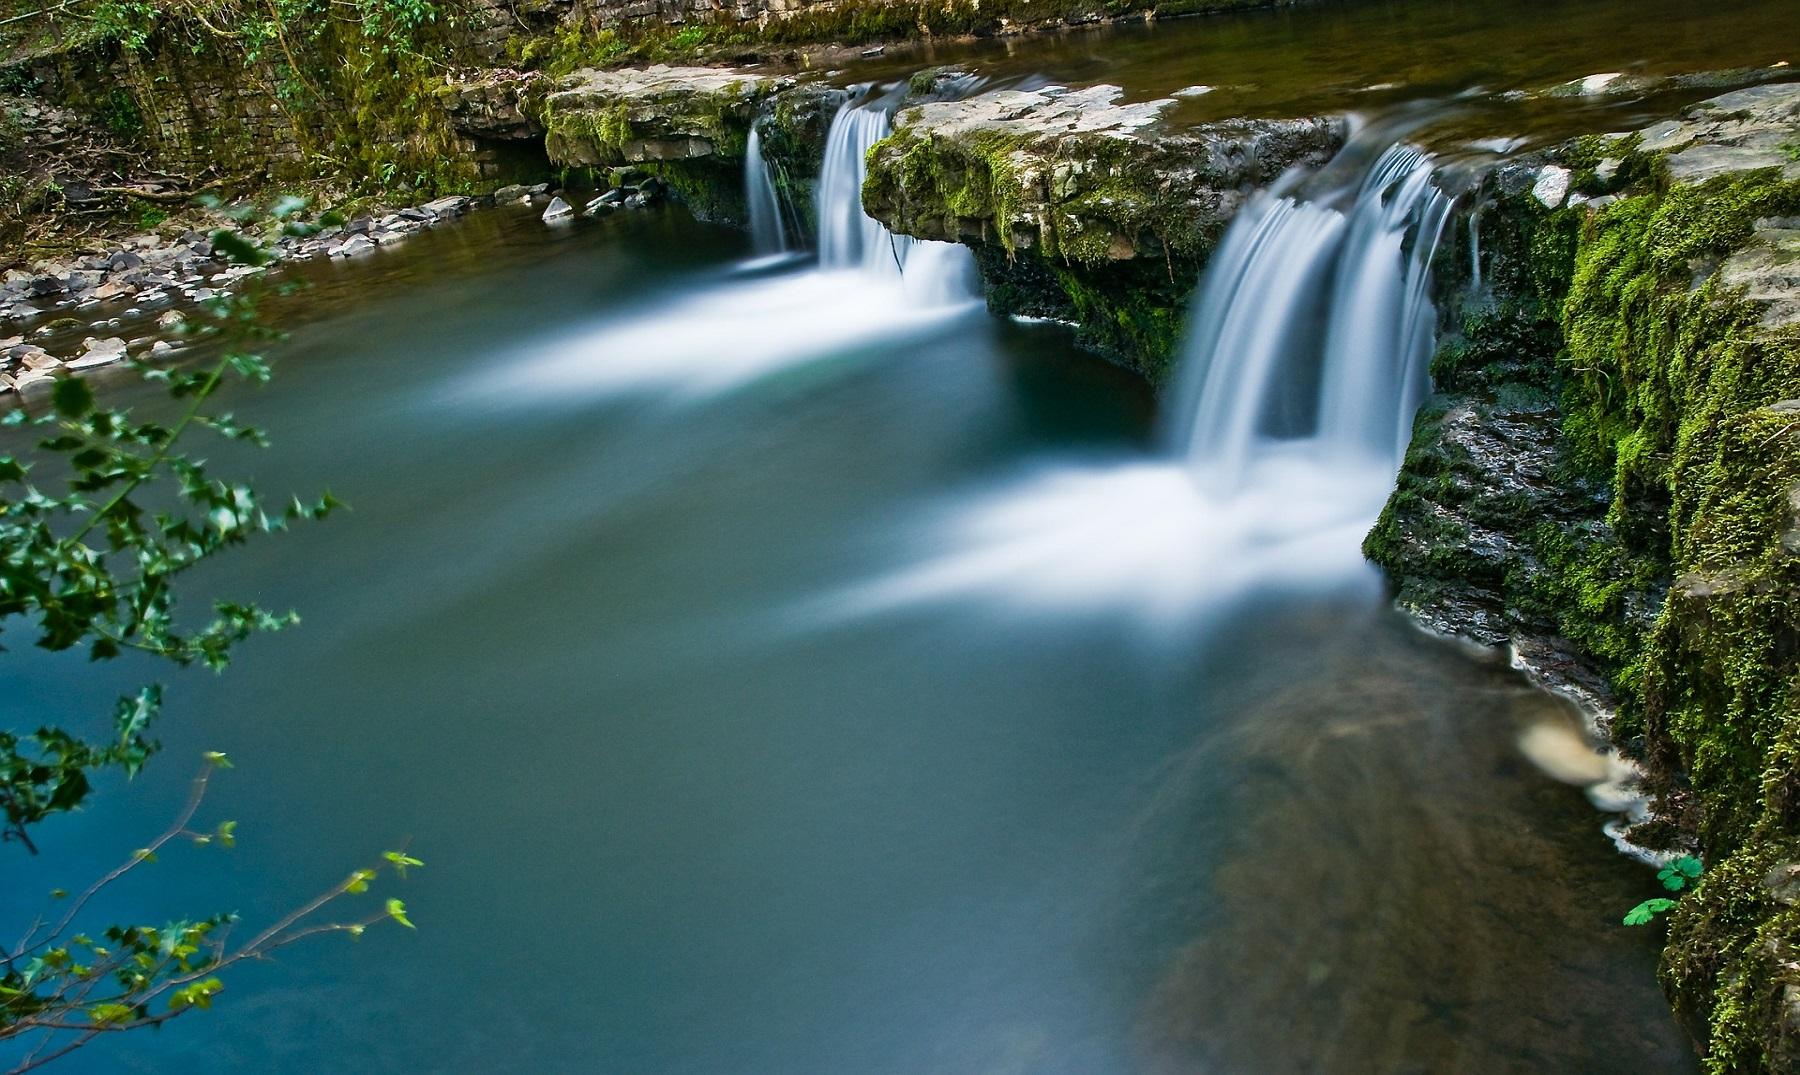 Las 3 mejores piscinas naturales de espa a el viajero feliz for Las mejores piscinas municipales de madrid